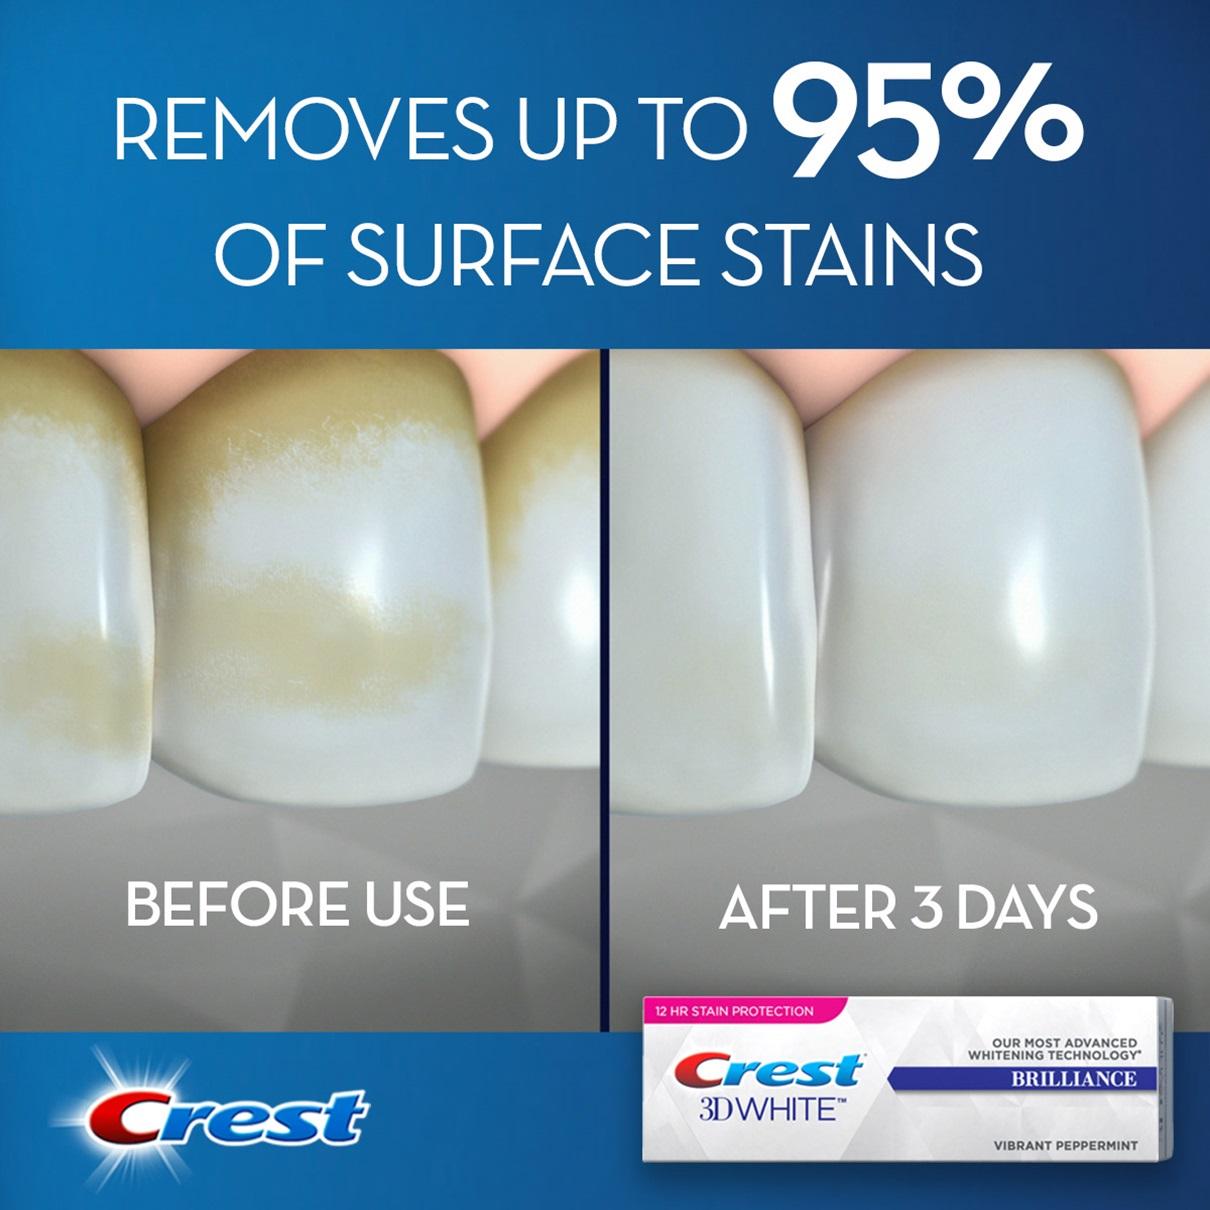 crest brilliance white toothpaste